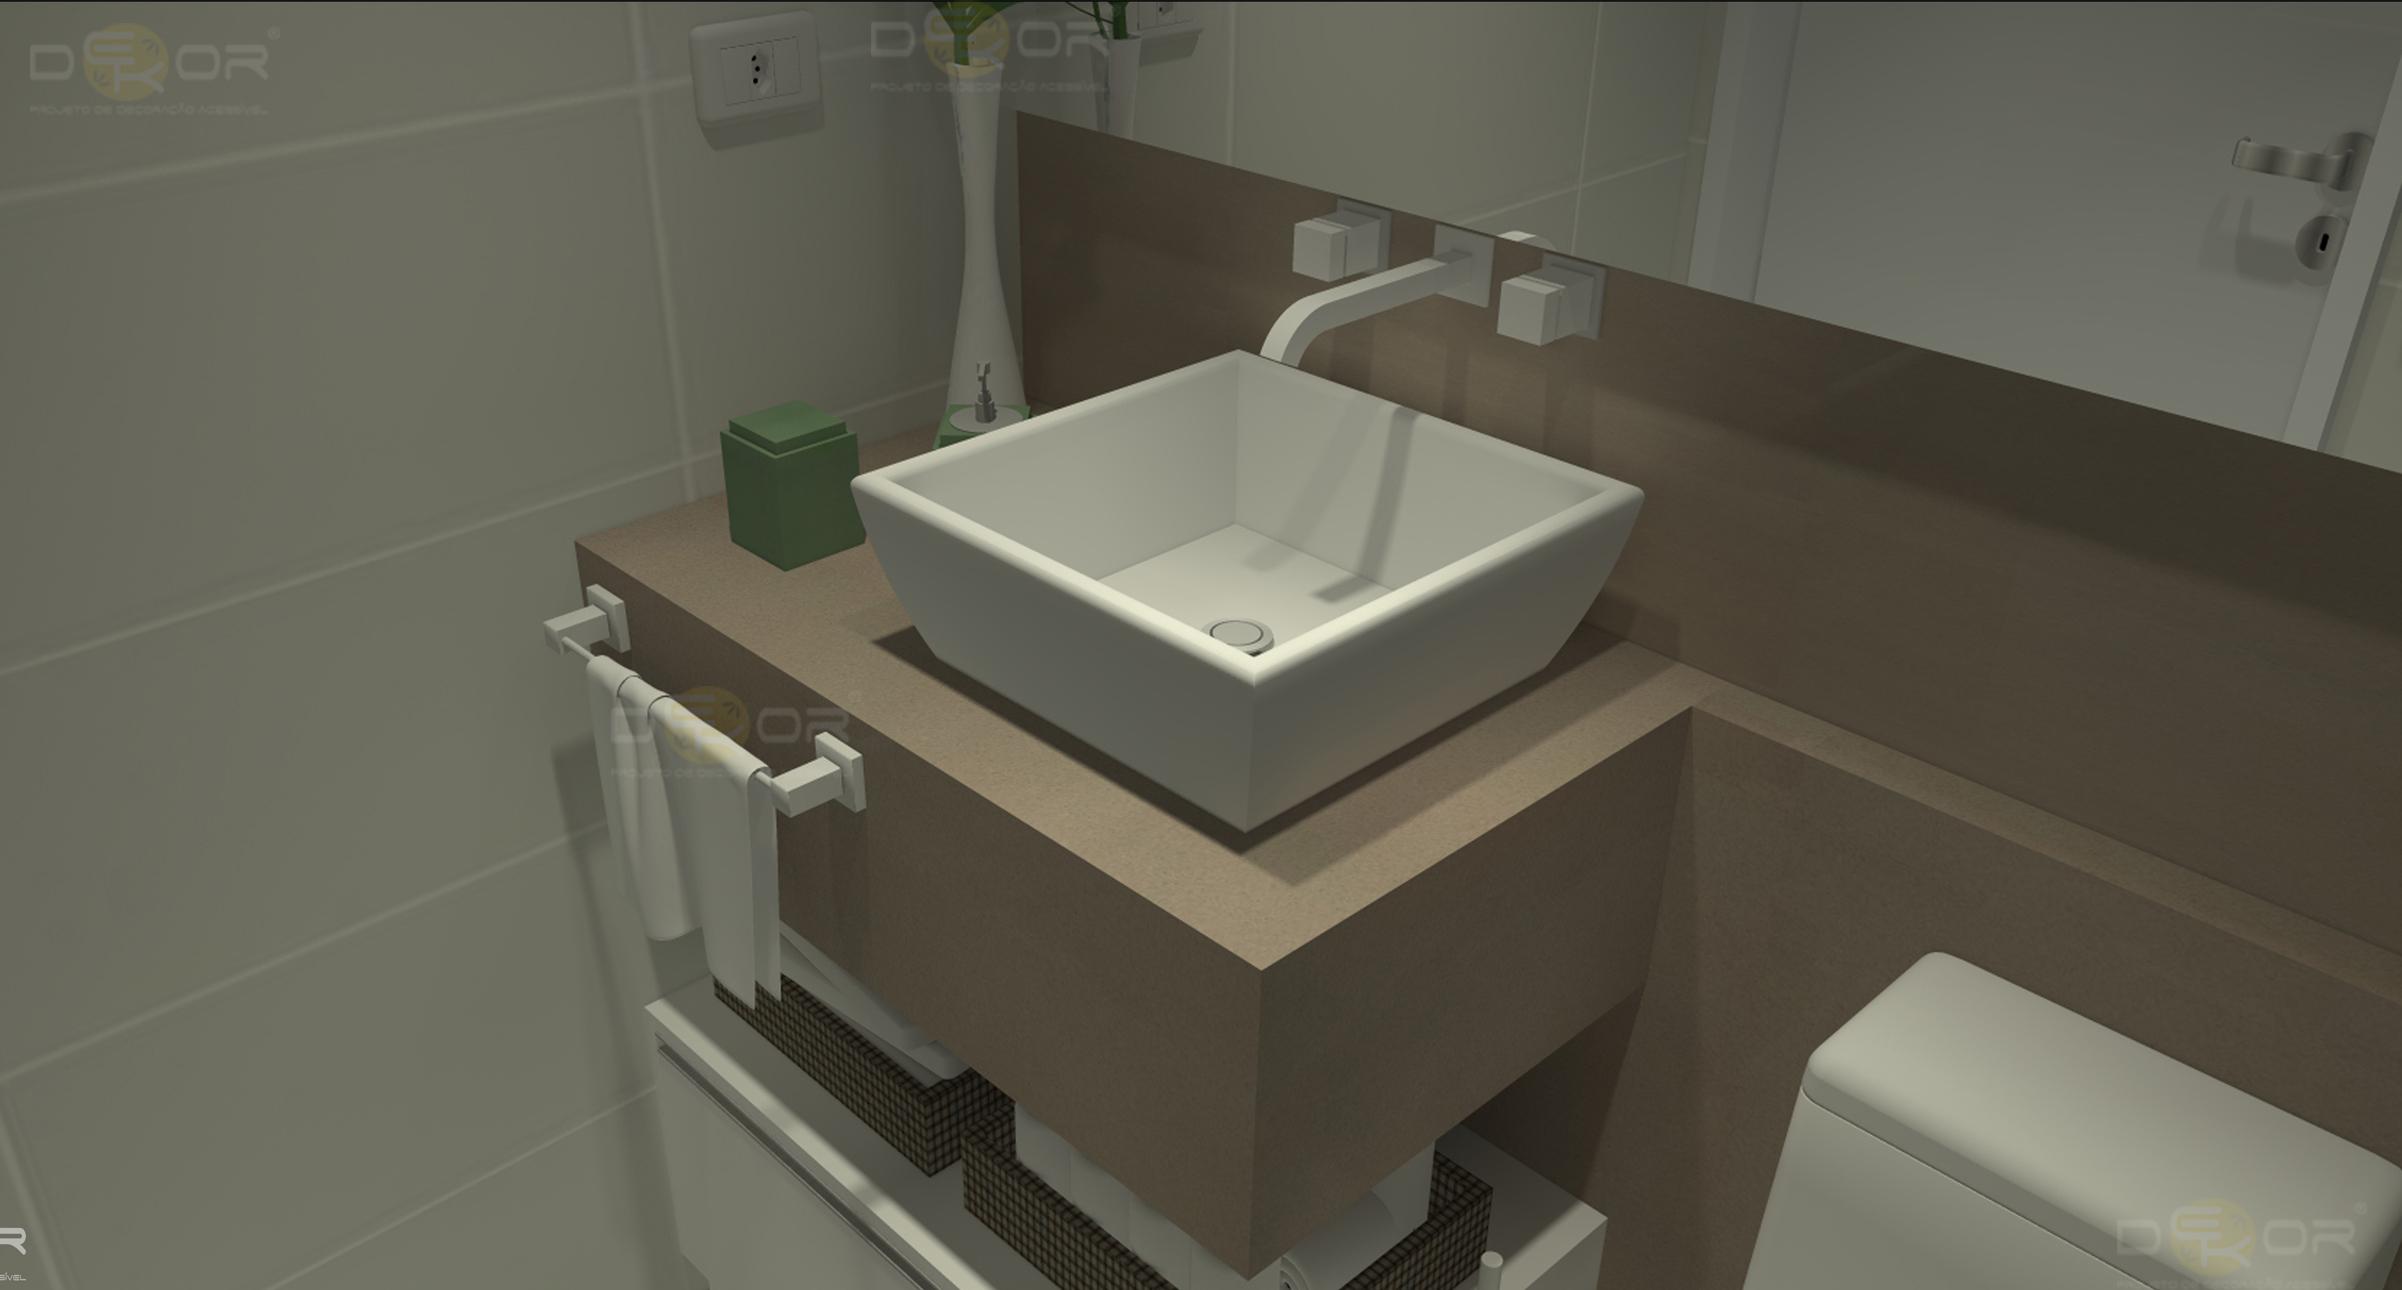 Projeto de Banheiro – Decoração Online #21 Erika Karpuk #7A7851 2402 1290